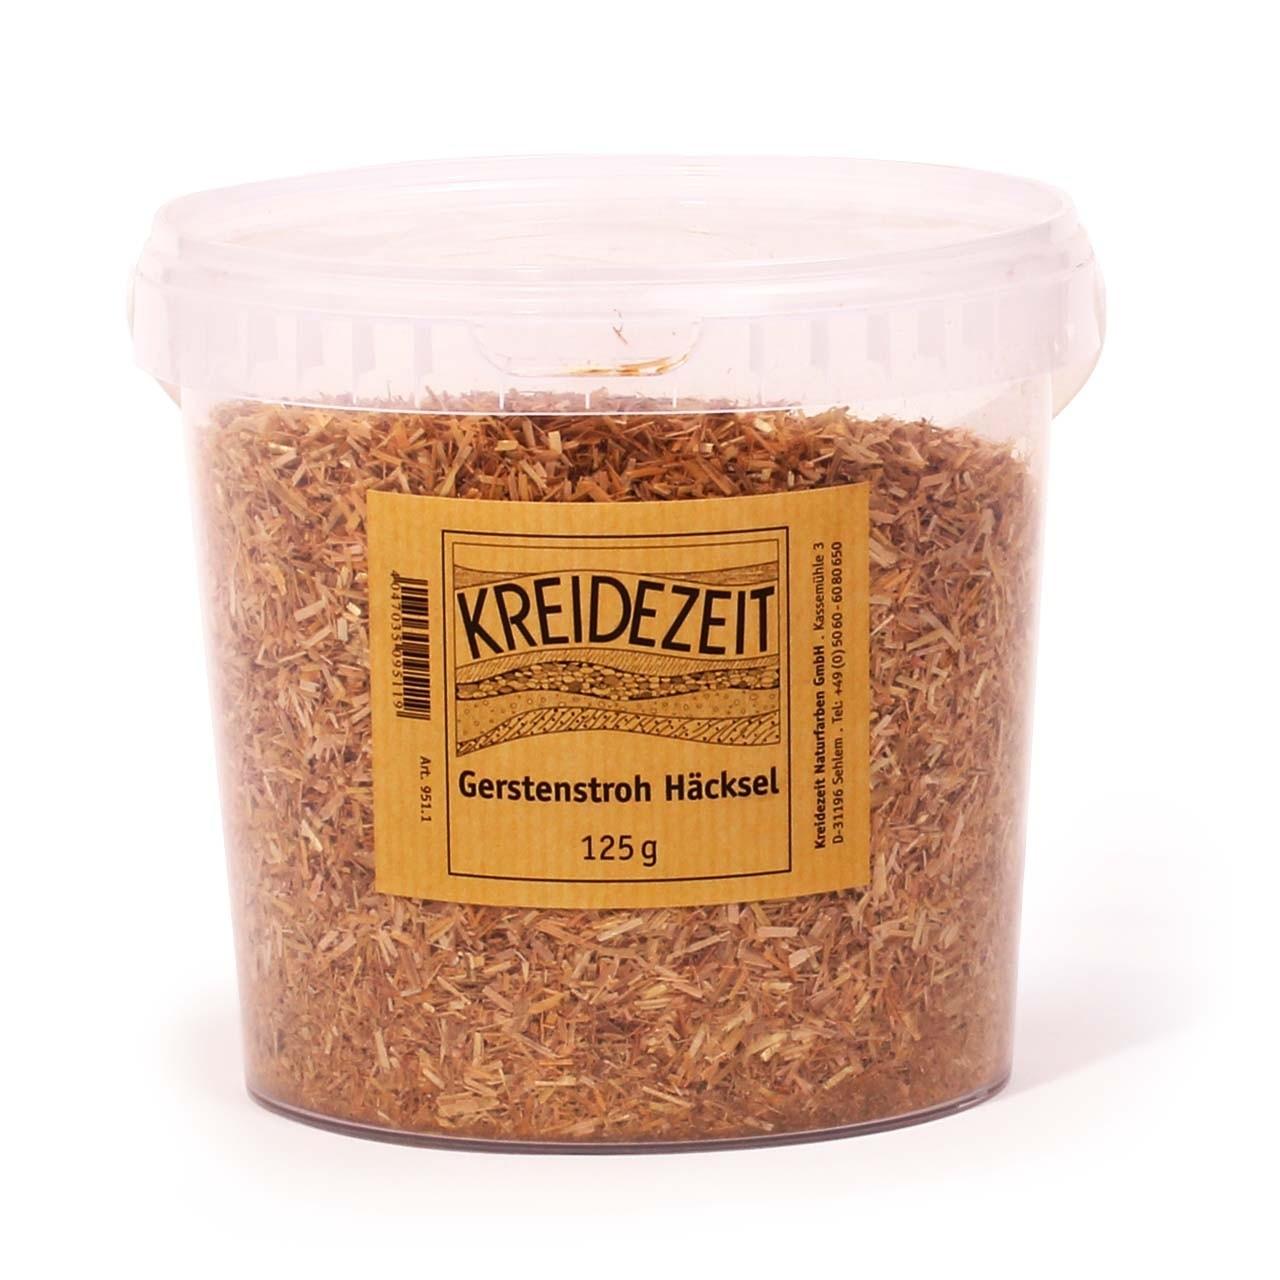 Kreidezeit Gerstenstroh Häcksel 125 g